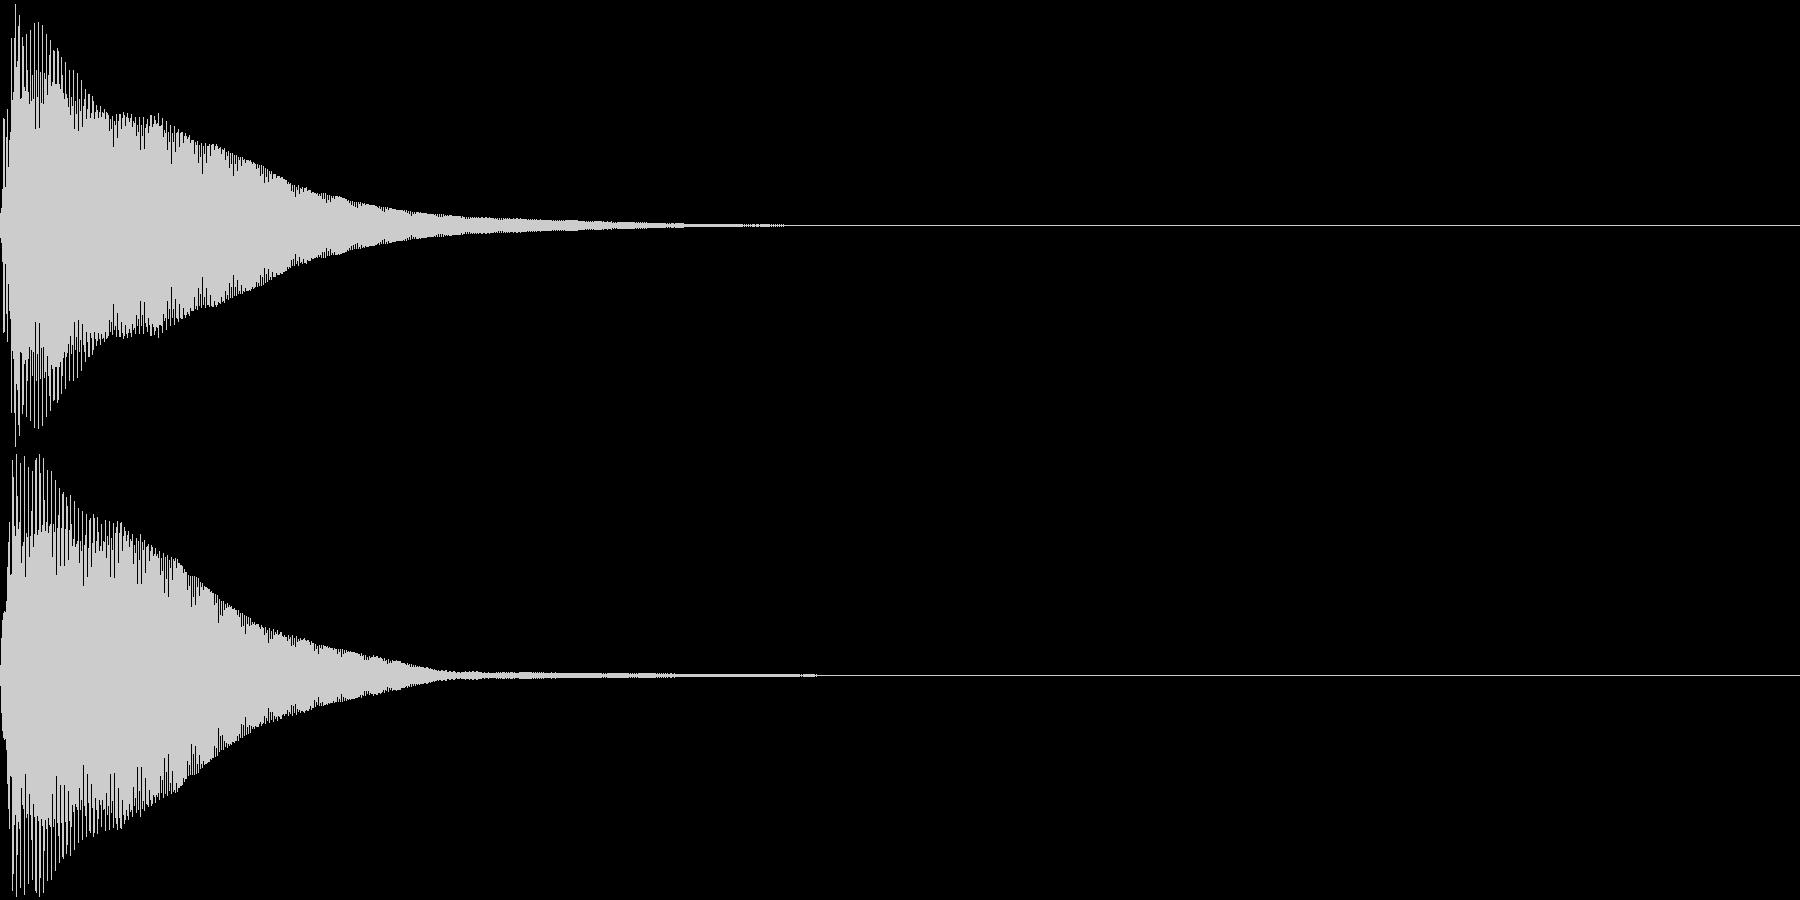 カーソル音5【コンッ】の未再生の波形